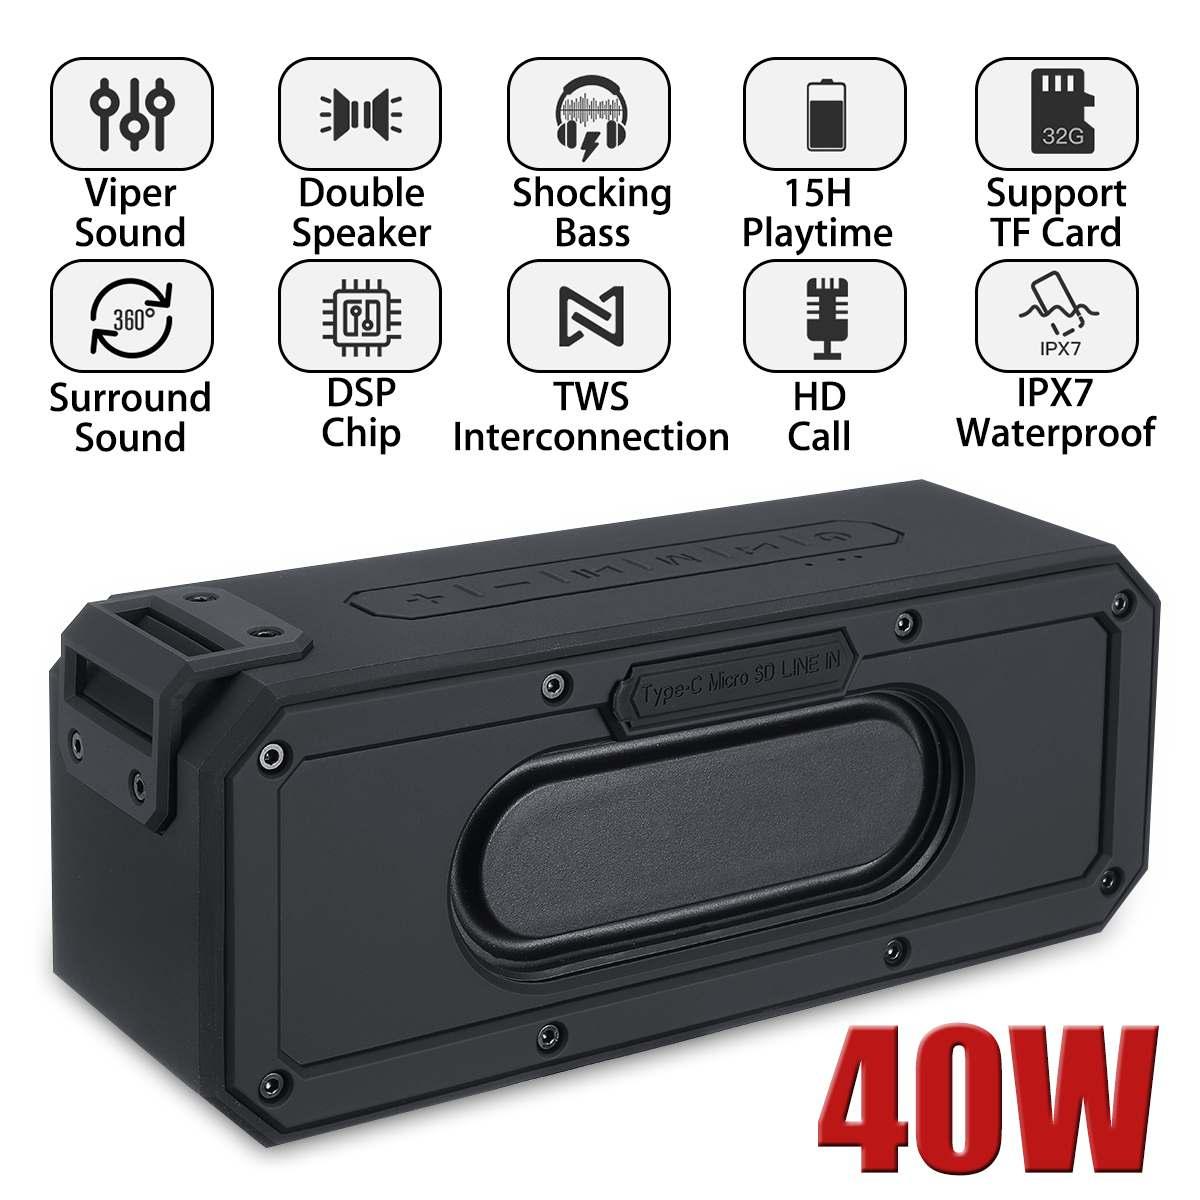 40 W bluetooth 5.0 haut-parleur colonne Portable haut-parleur IPX7 étanche Subwoofer avec 360 son stéréo haut-parleurs extérieurs Boombox